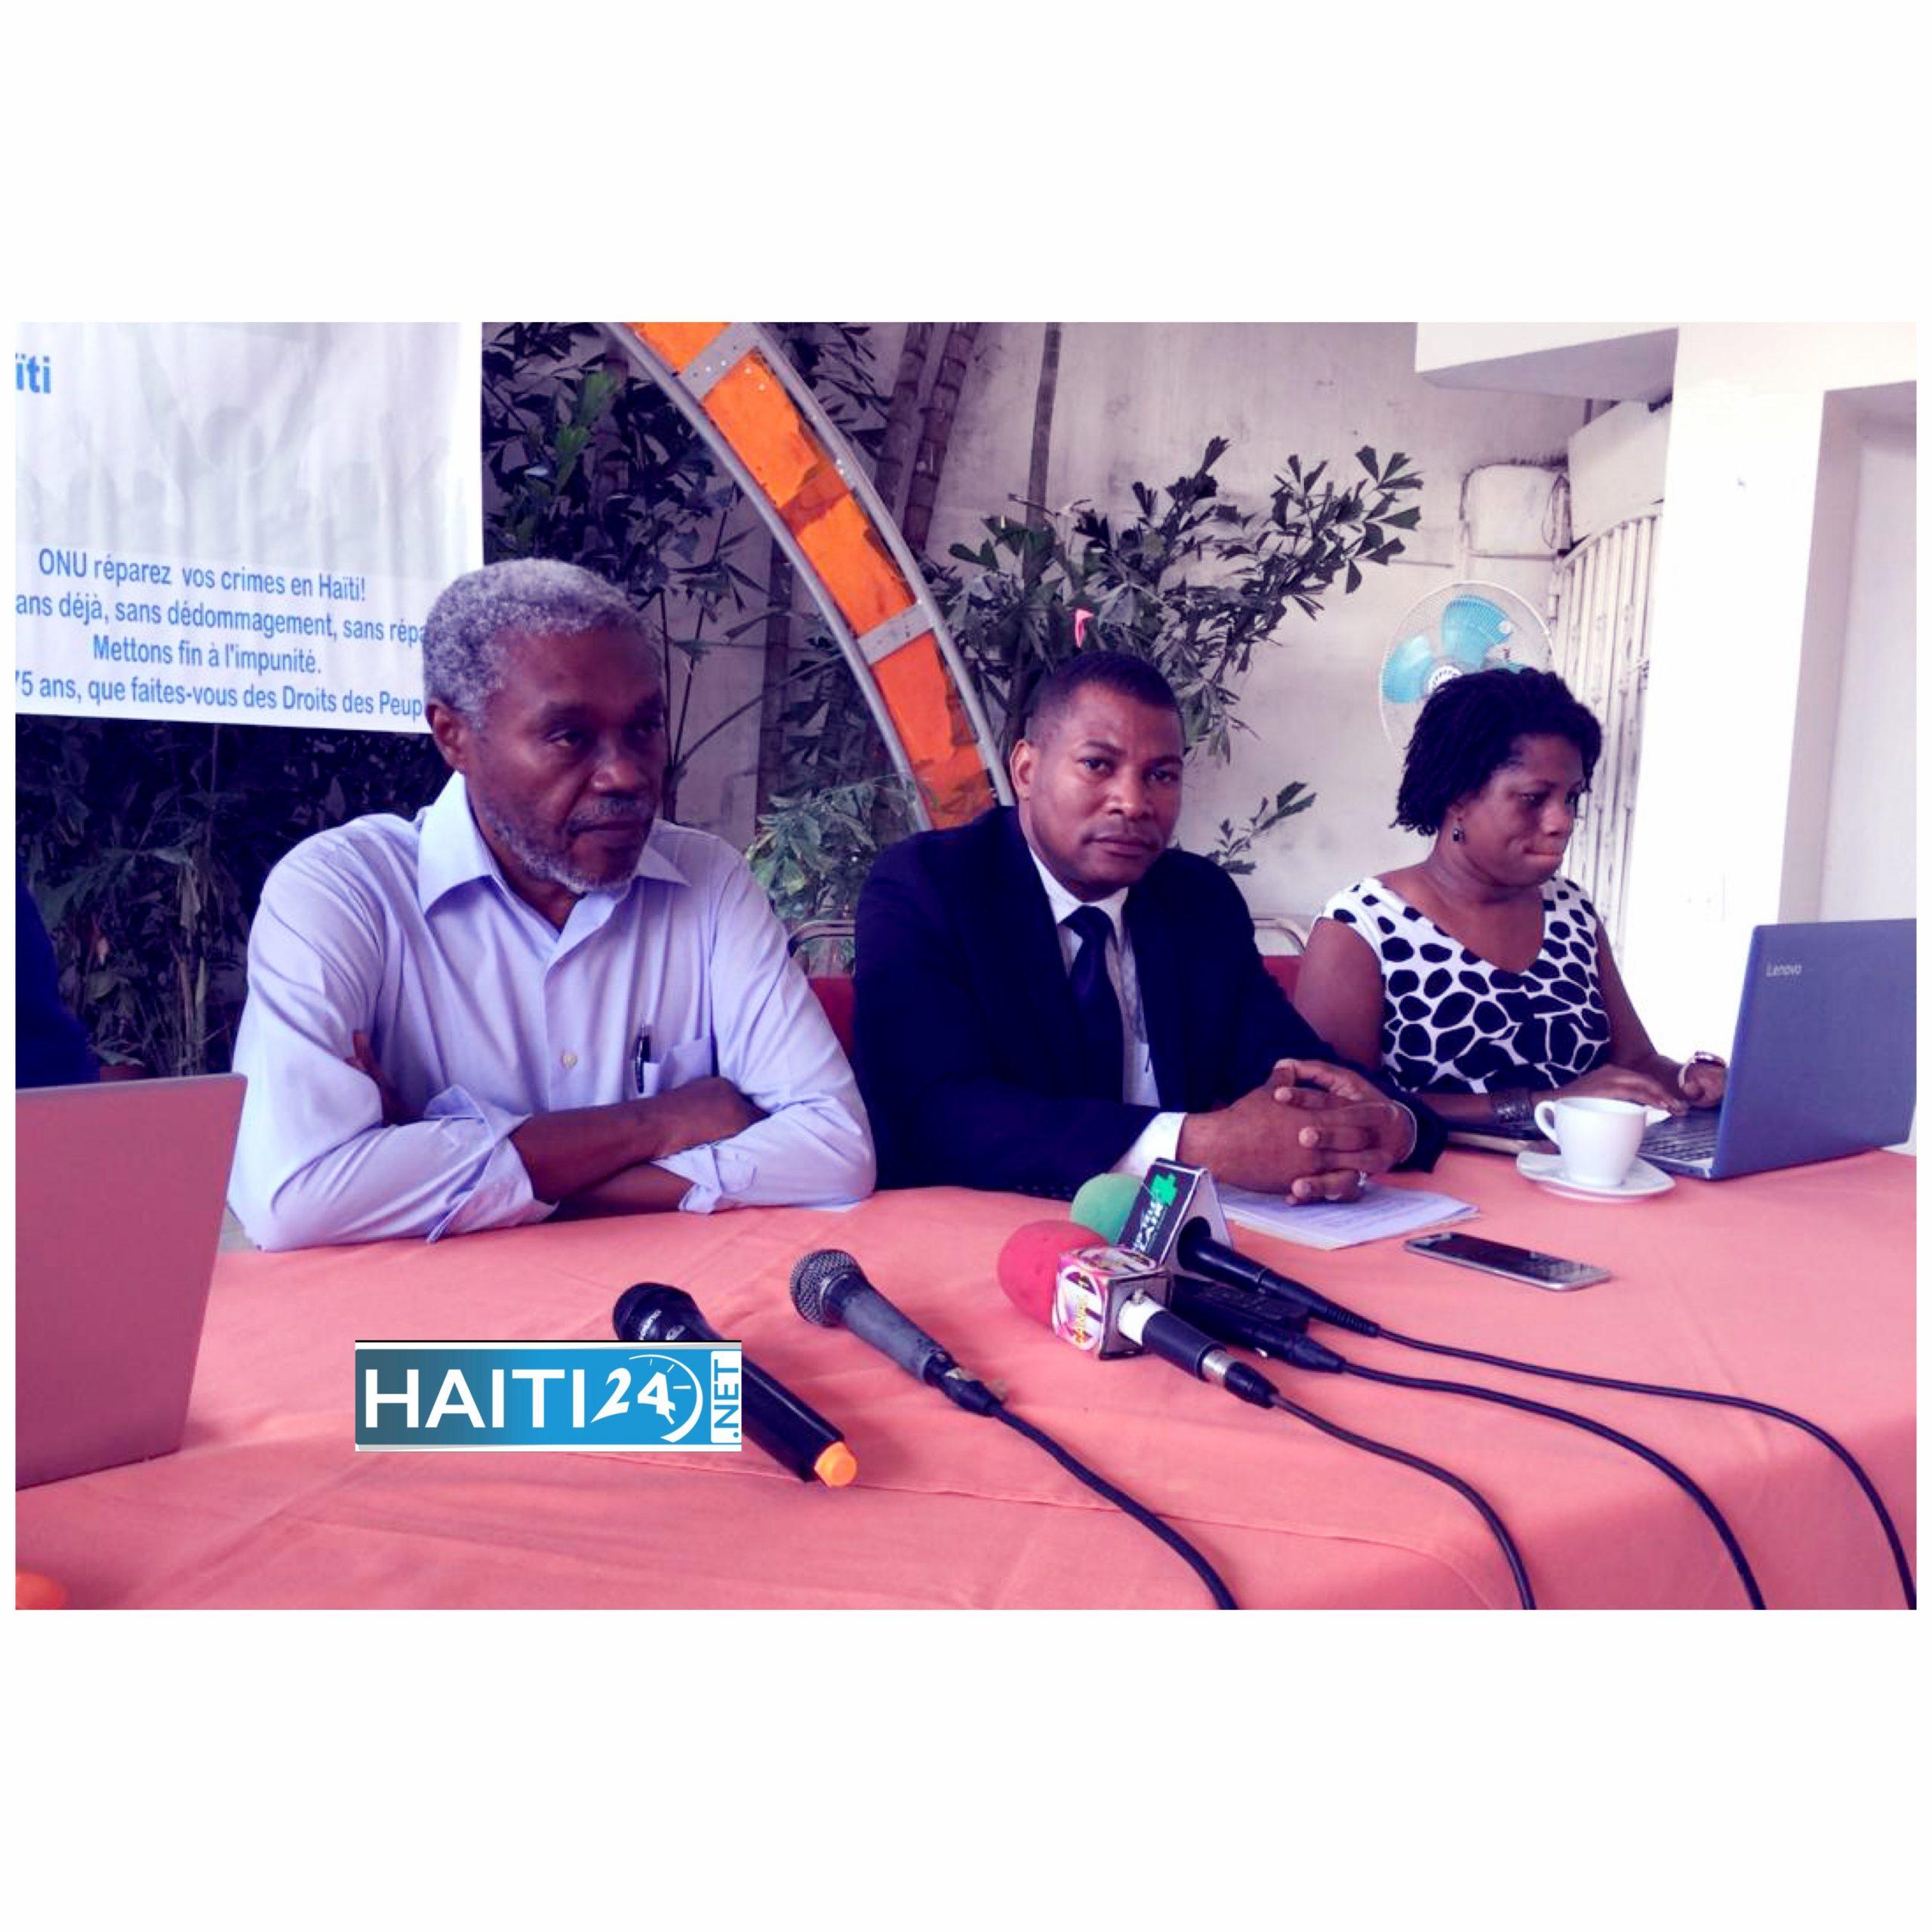 Abus sexuel : Plus de 2 mille enfants abandonnés en Haïti par les casques bleus, dénonce la PAPDA